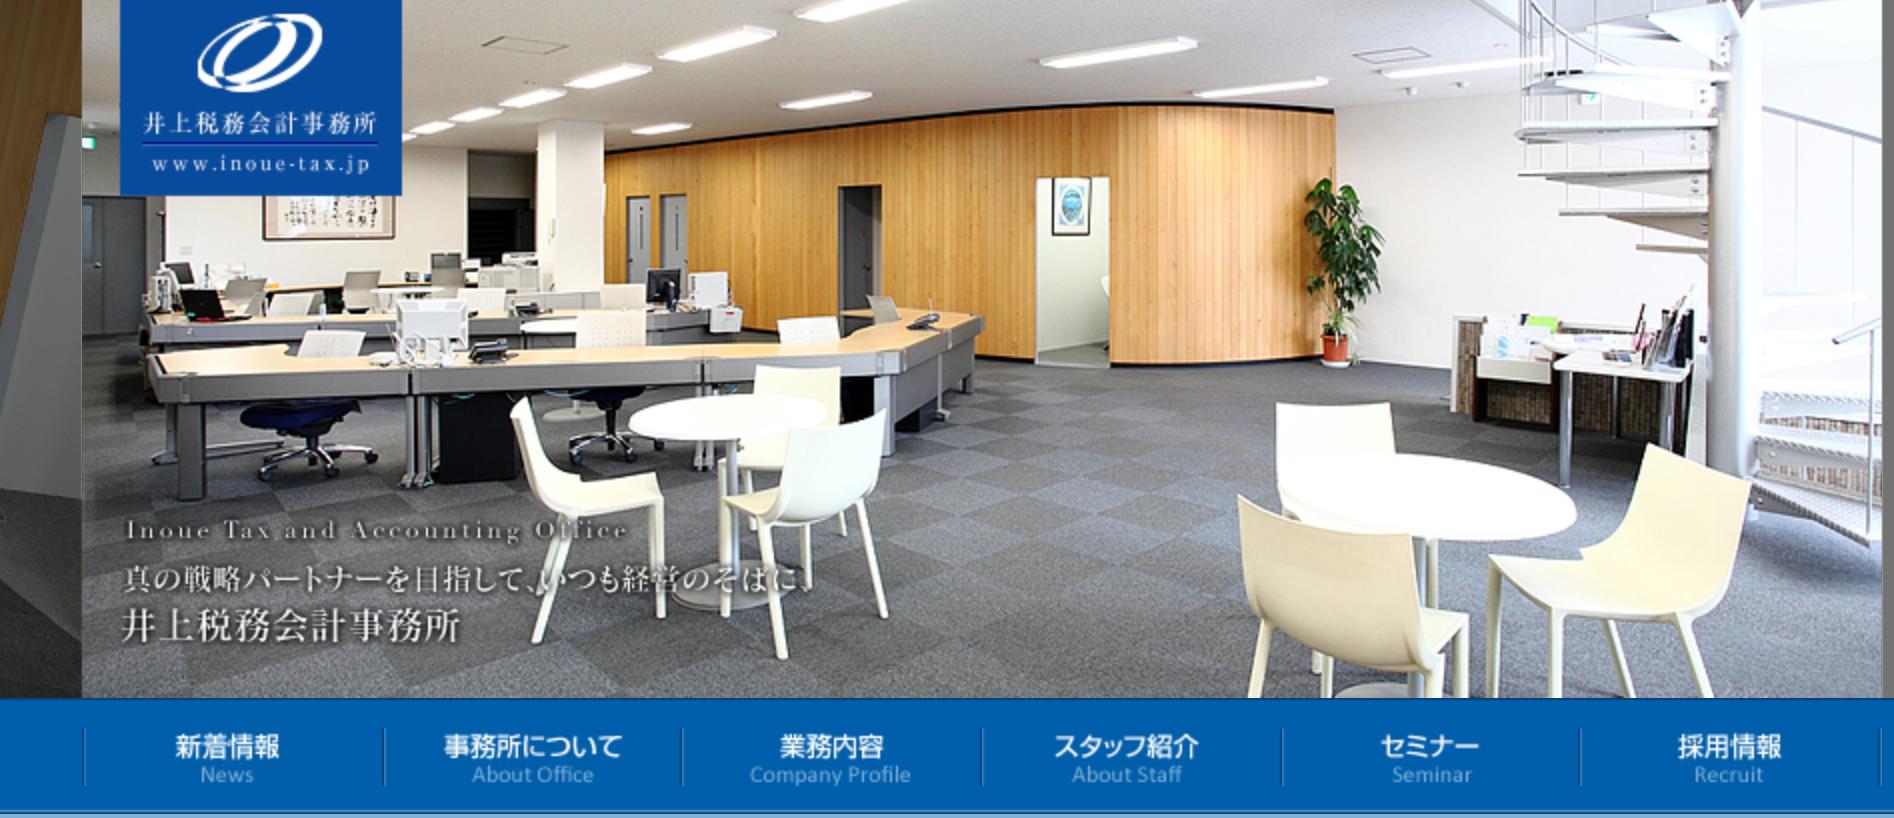 7.東西線 菊水駅 徒歩9分 井上税務会計事務所